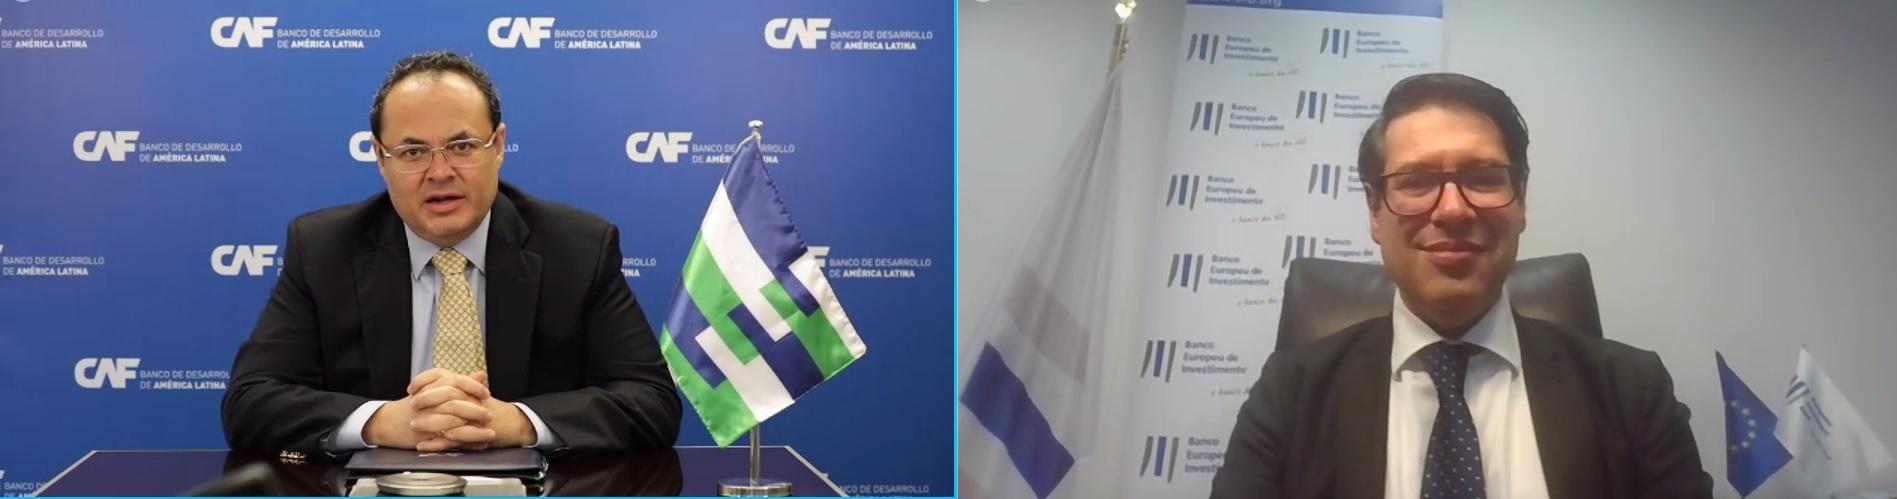 CAF y BEI cofinanciarán proyectos de acción climática que dinamicen el empleo y la competitividad en América Latina